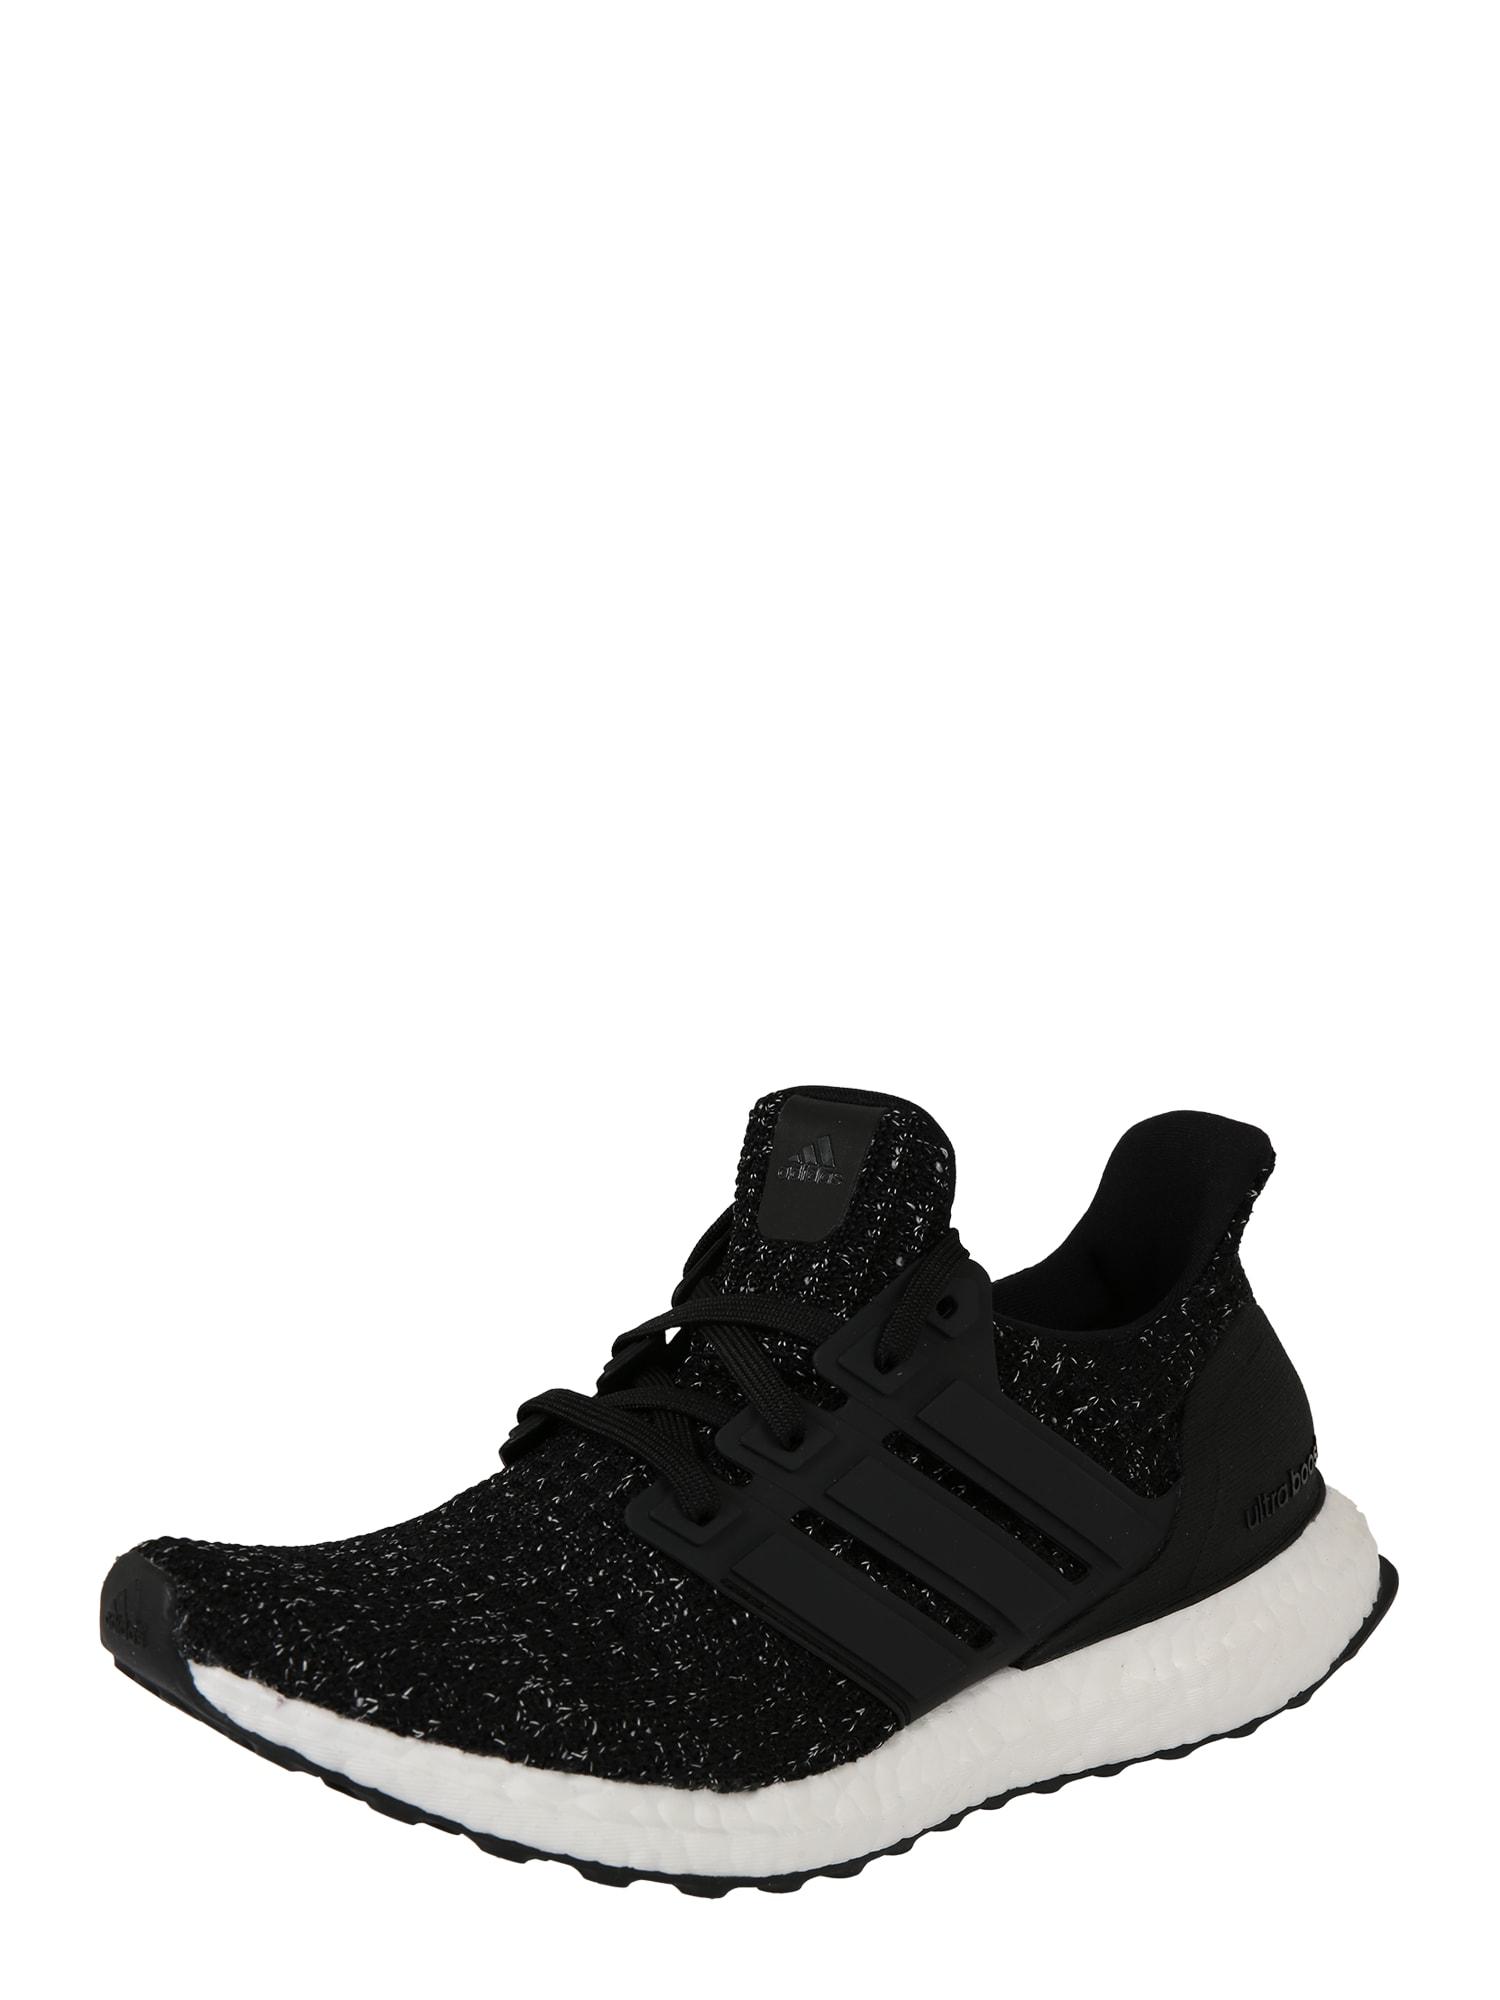 Sportovní boty UltraBOOST Uncaged černá bílá ADIDAS PERFORMANCE